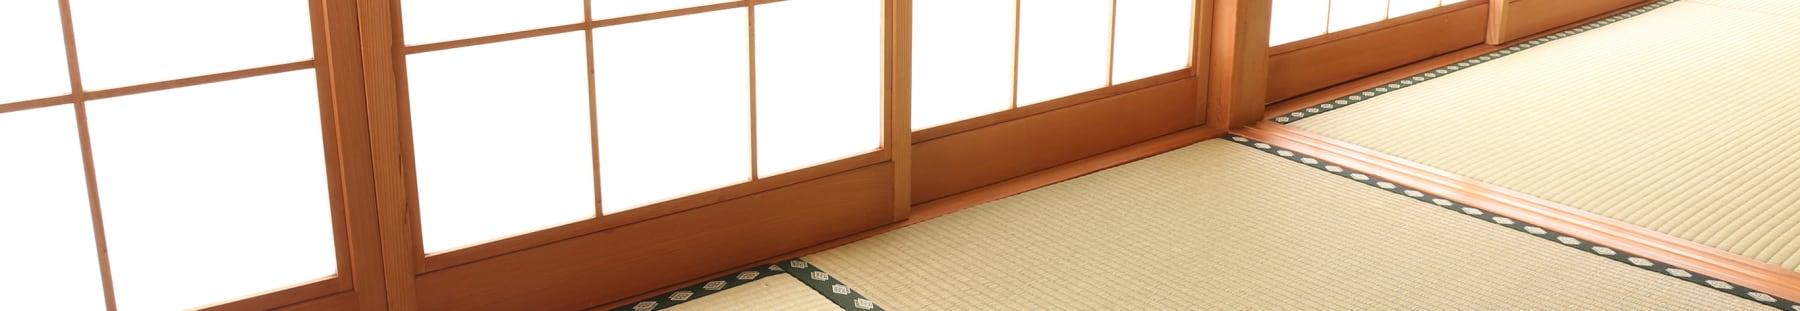 千葉県の和室な撮影スタジオ